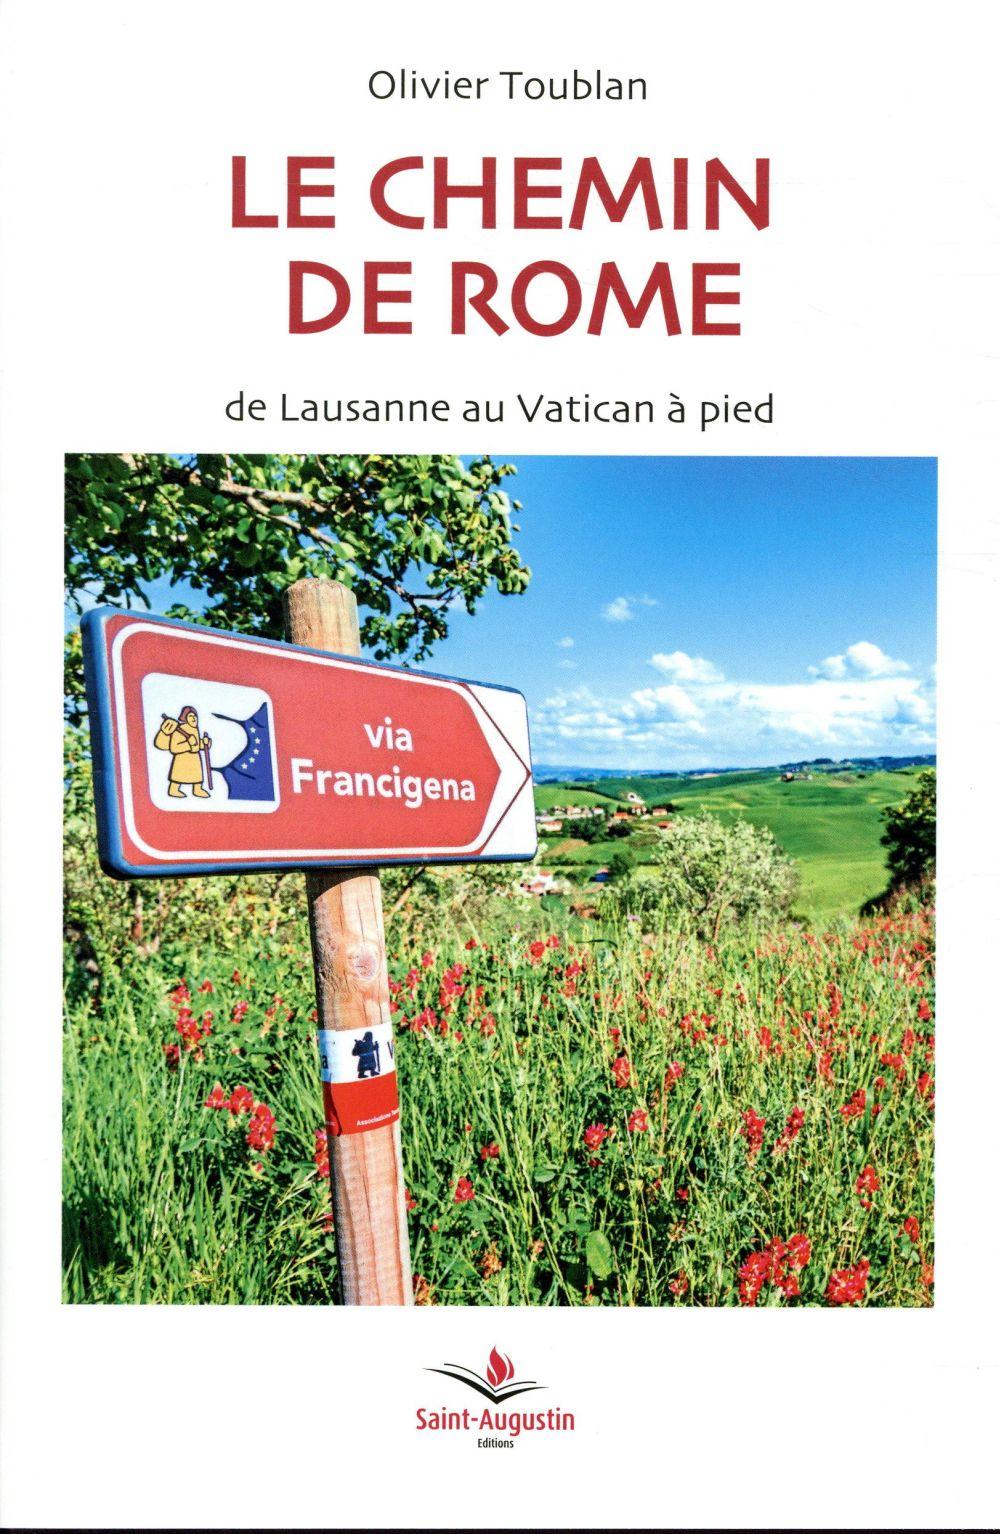 LE CHEMIN DE ROME - DE LAUSANNE AU VATICAN A PIED